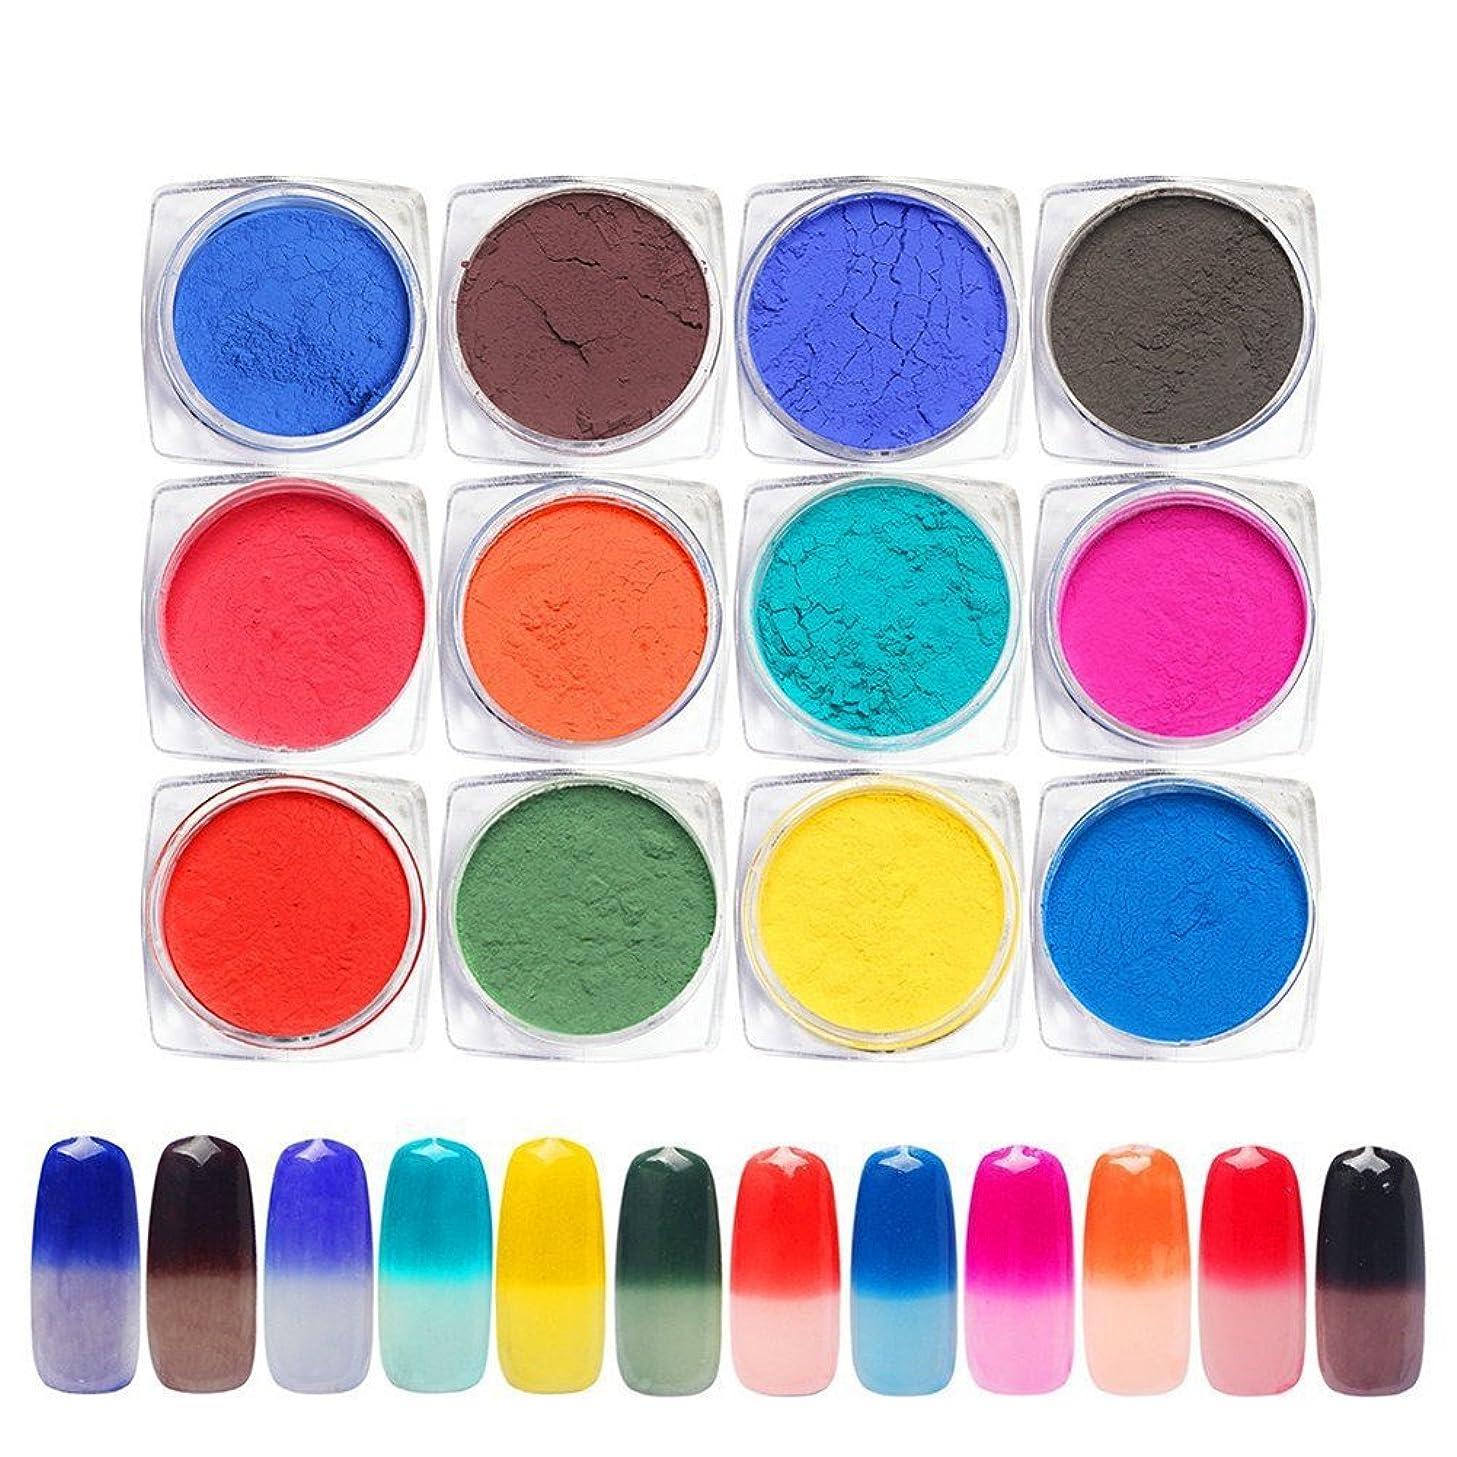 カップ記事放送12色セット 変色パウダー温度により色が変わりるネイルパウダーネイルアートネイルデザインネイルデコアクセサリー